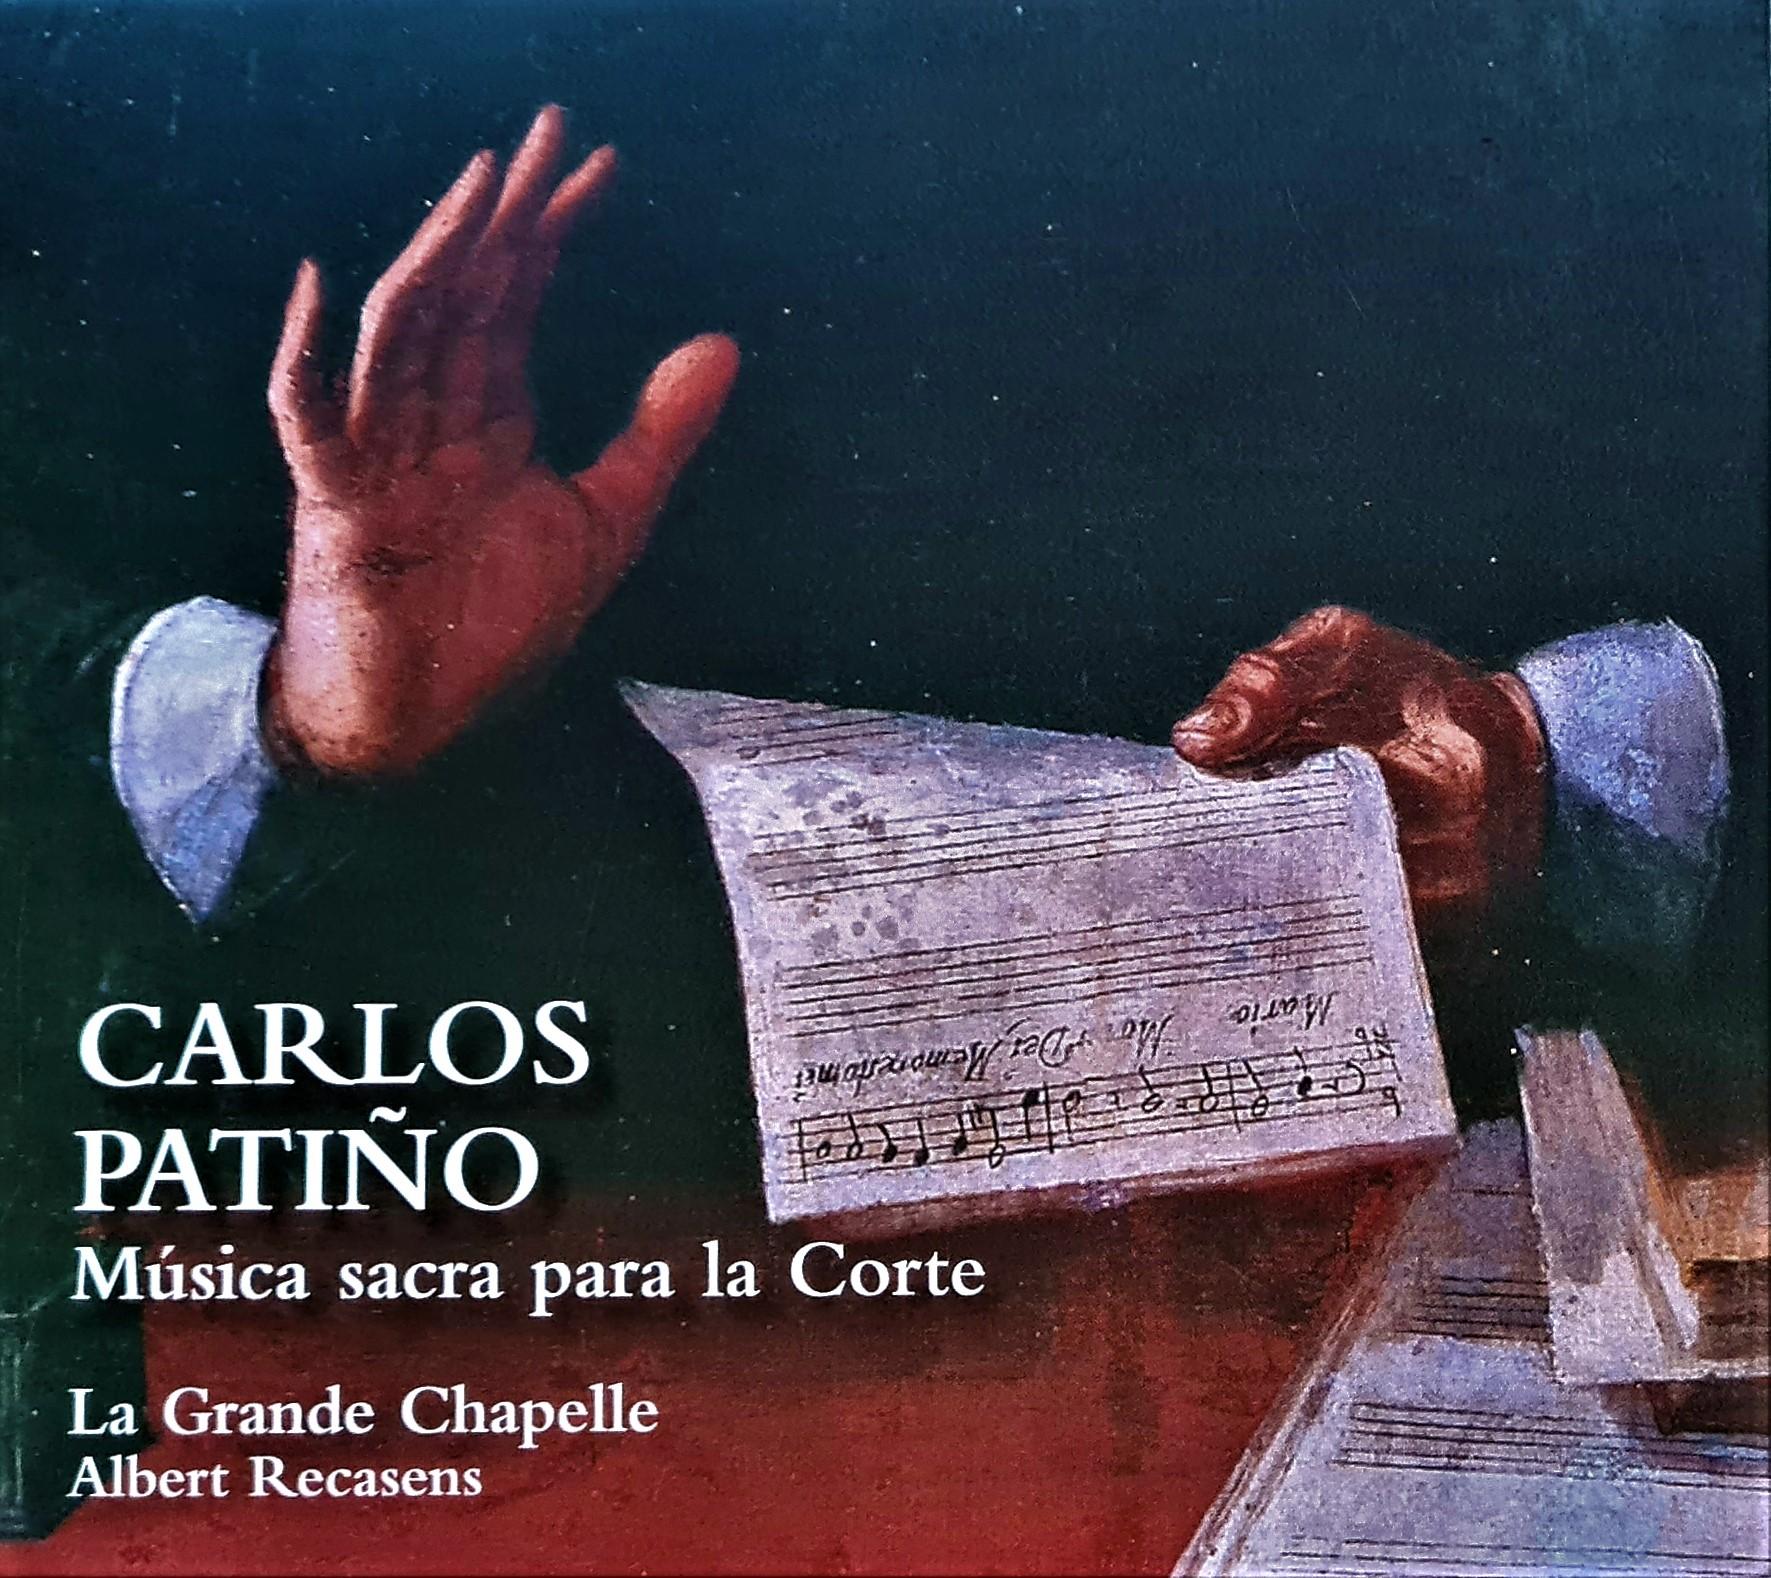 La musique sacrée de Carlos Patiño révélée par Albert Recasens